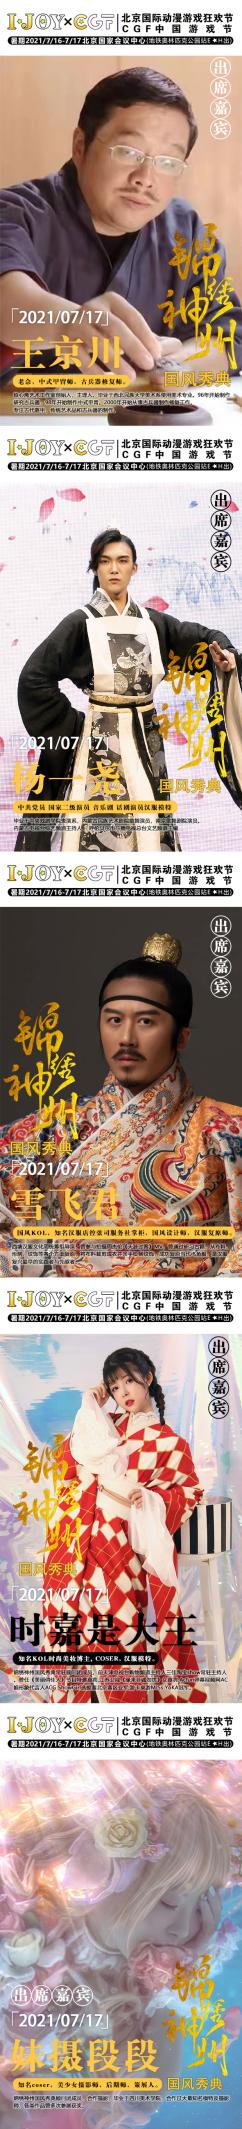 2021北京暑假嗨玩第四届IJOYxCGF北京大型二次元狂欢节-ANICOGA